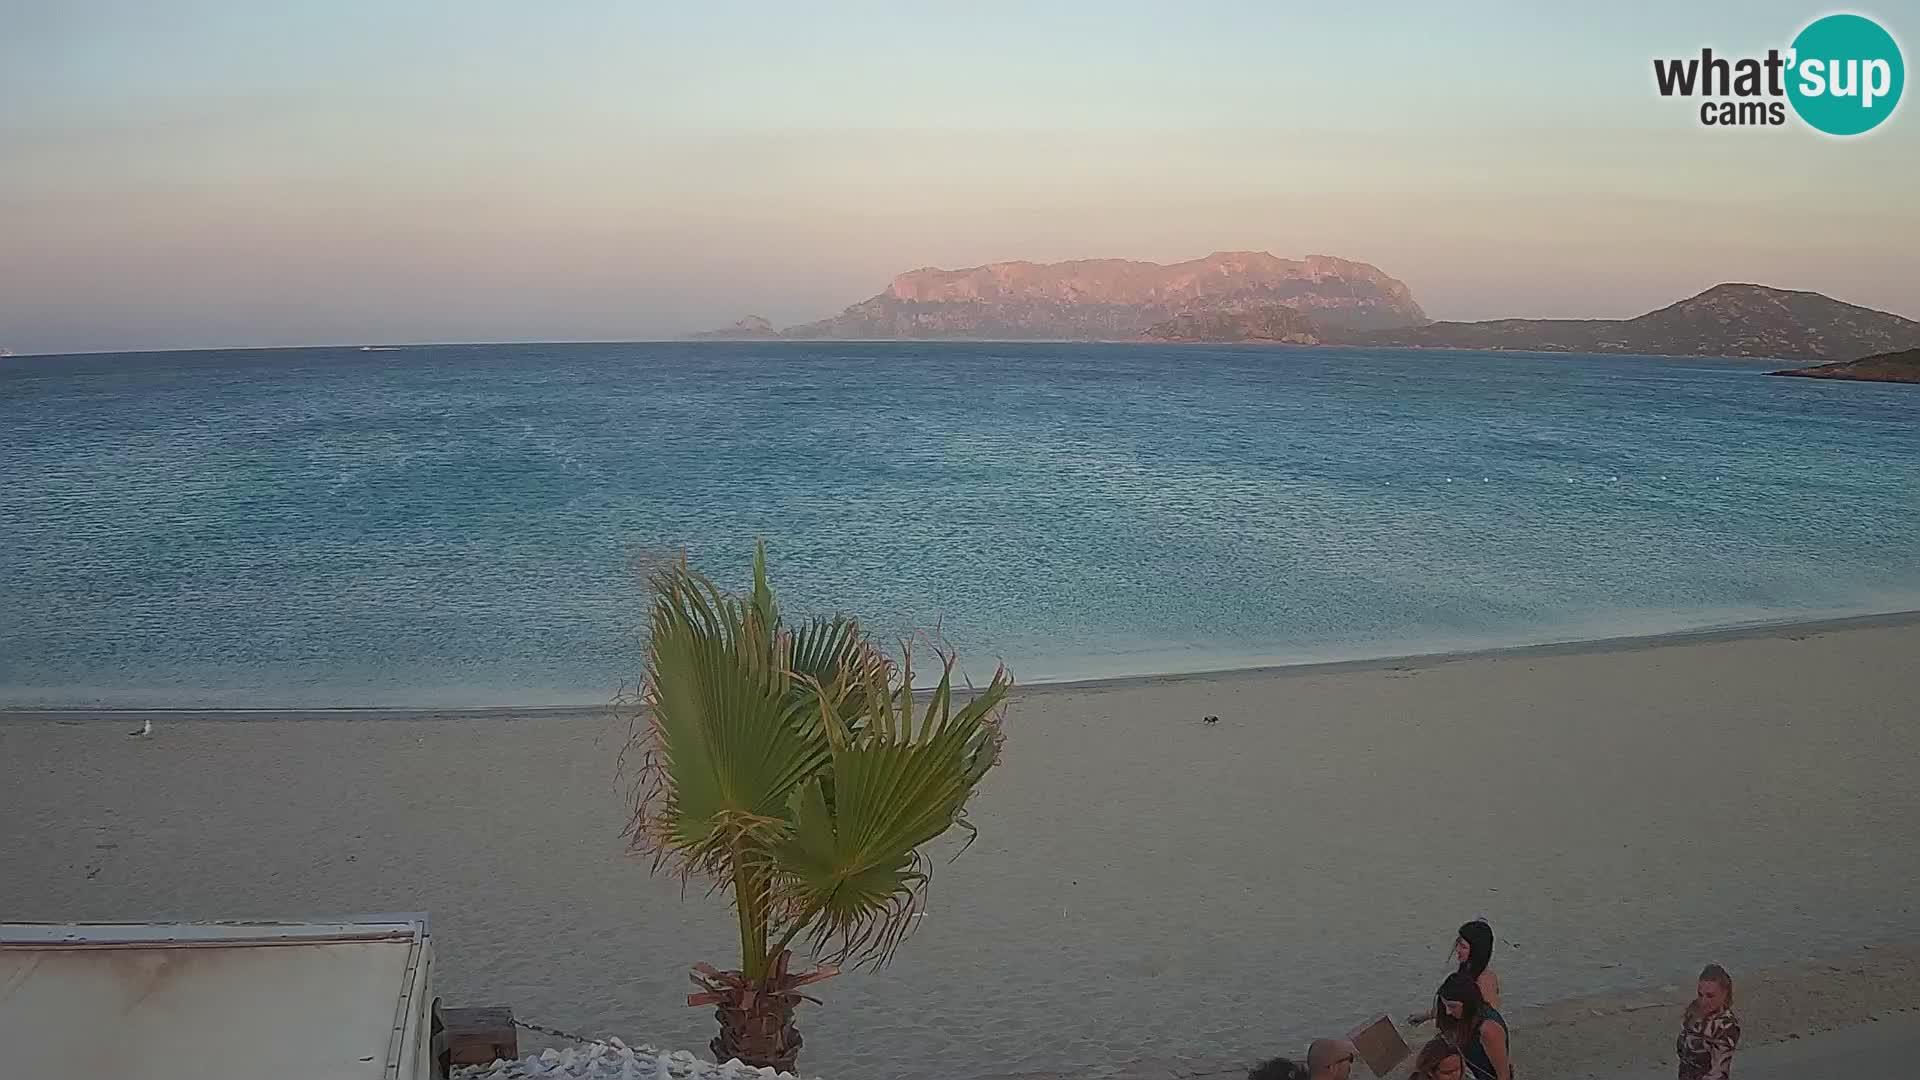 La playa de Pittulongu webcam en vivo Olbia – Cerdeña – Italia